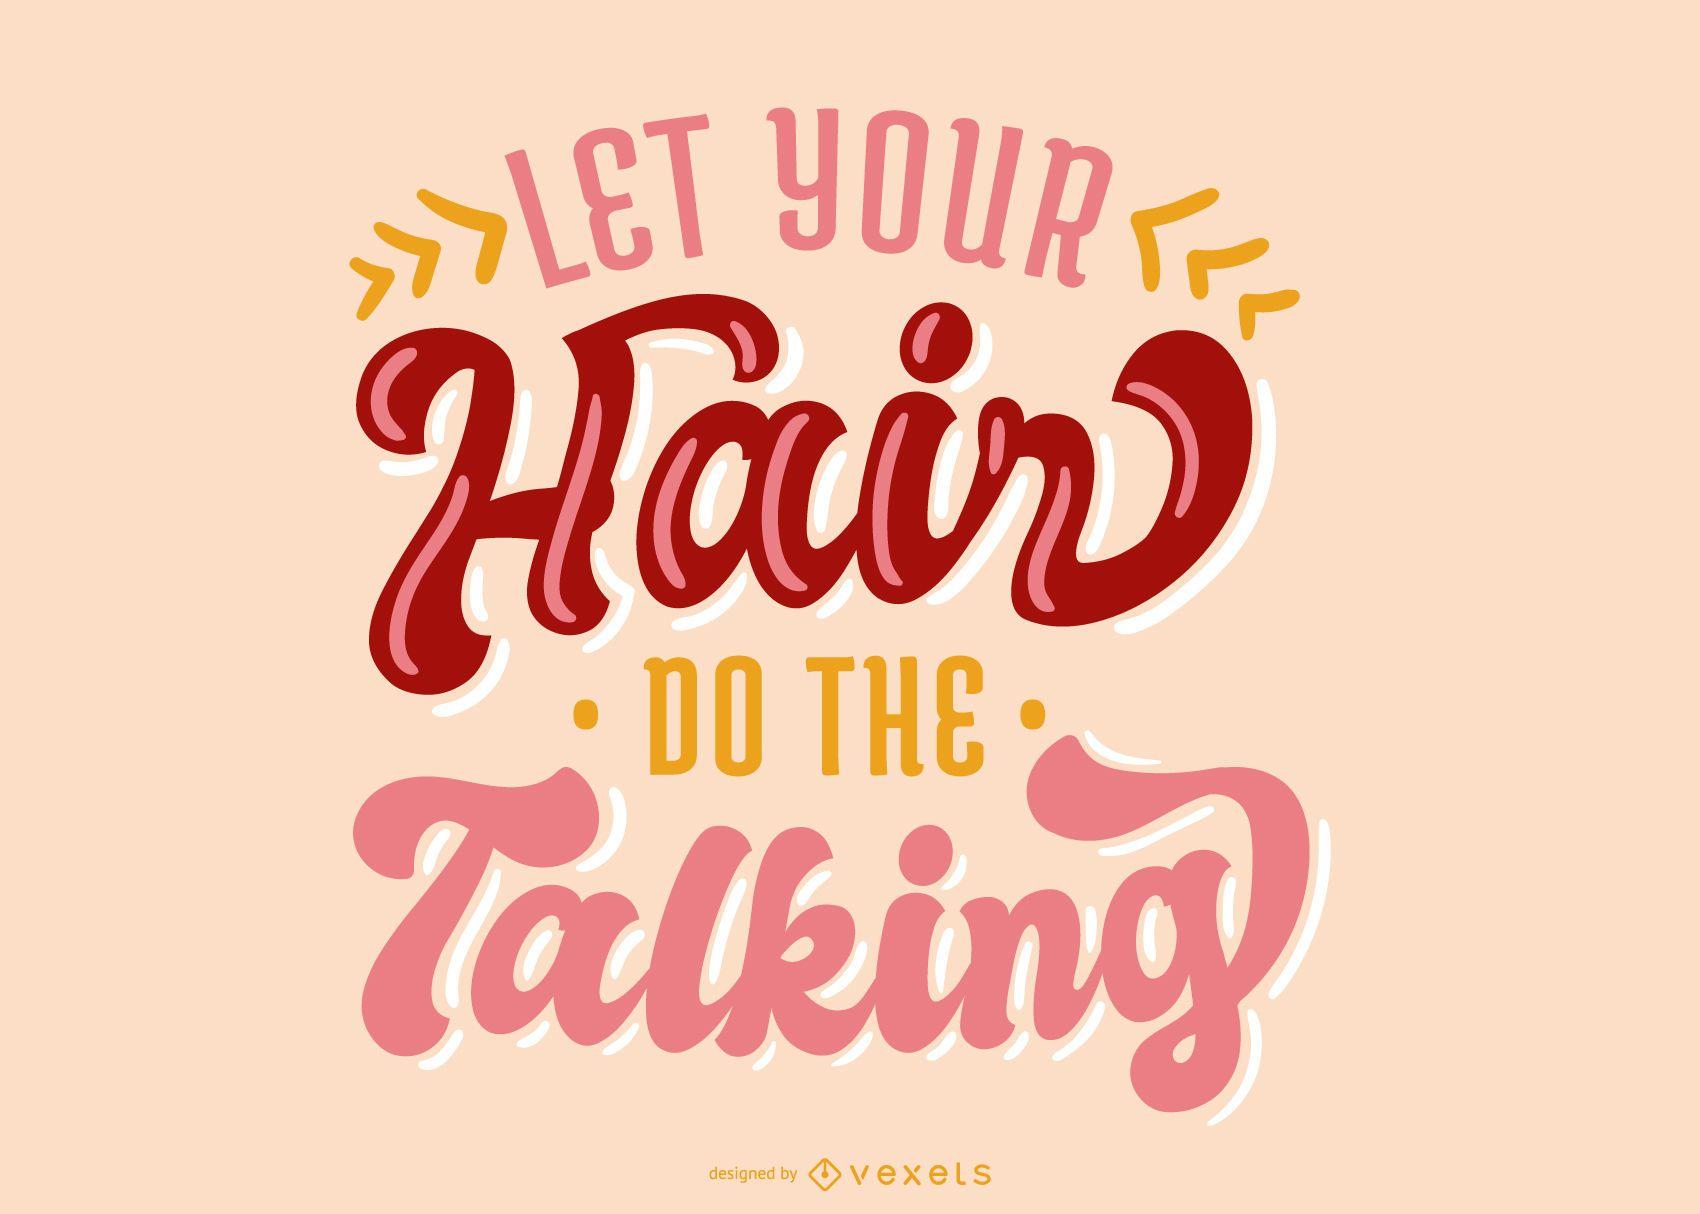 Deixe seu cabelo fazer o design de letras falantes